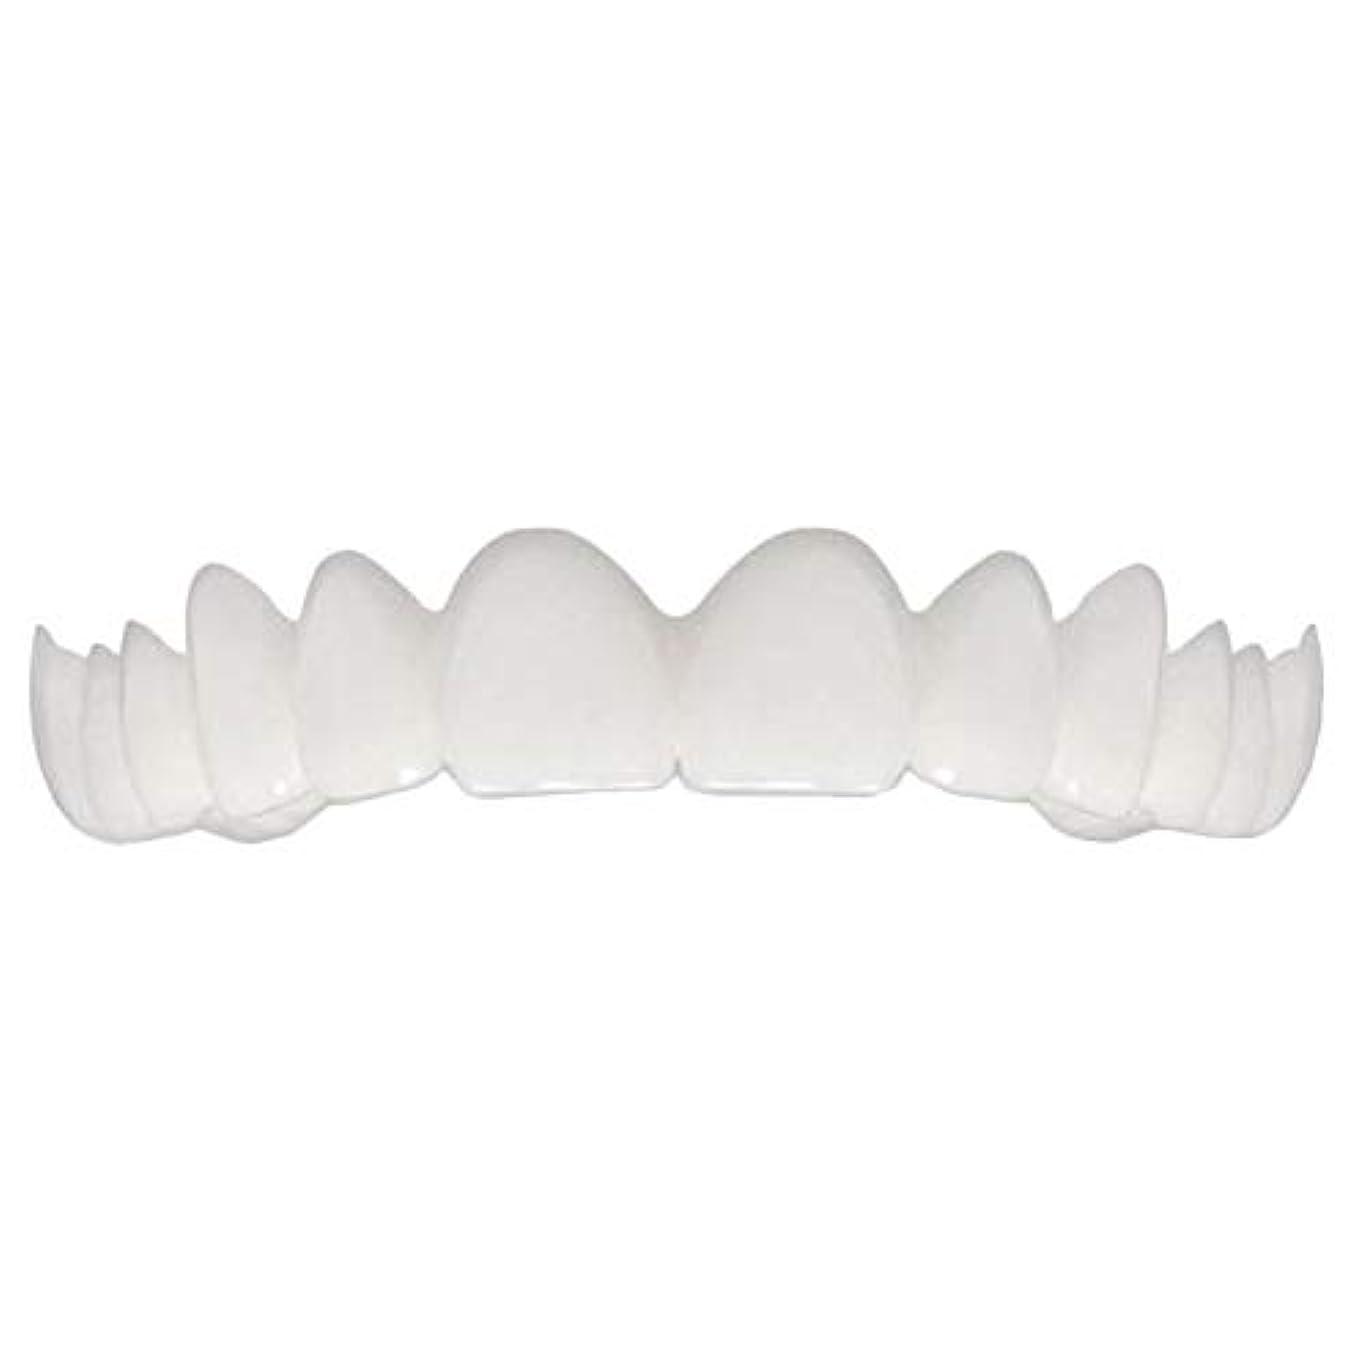 犯人闇真珠のようなユニセックスシリコン模擬義歯、ホワイトニングフィット義歯(2pcs),Upper